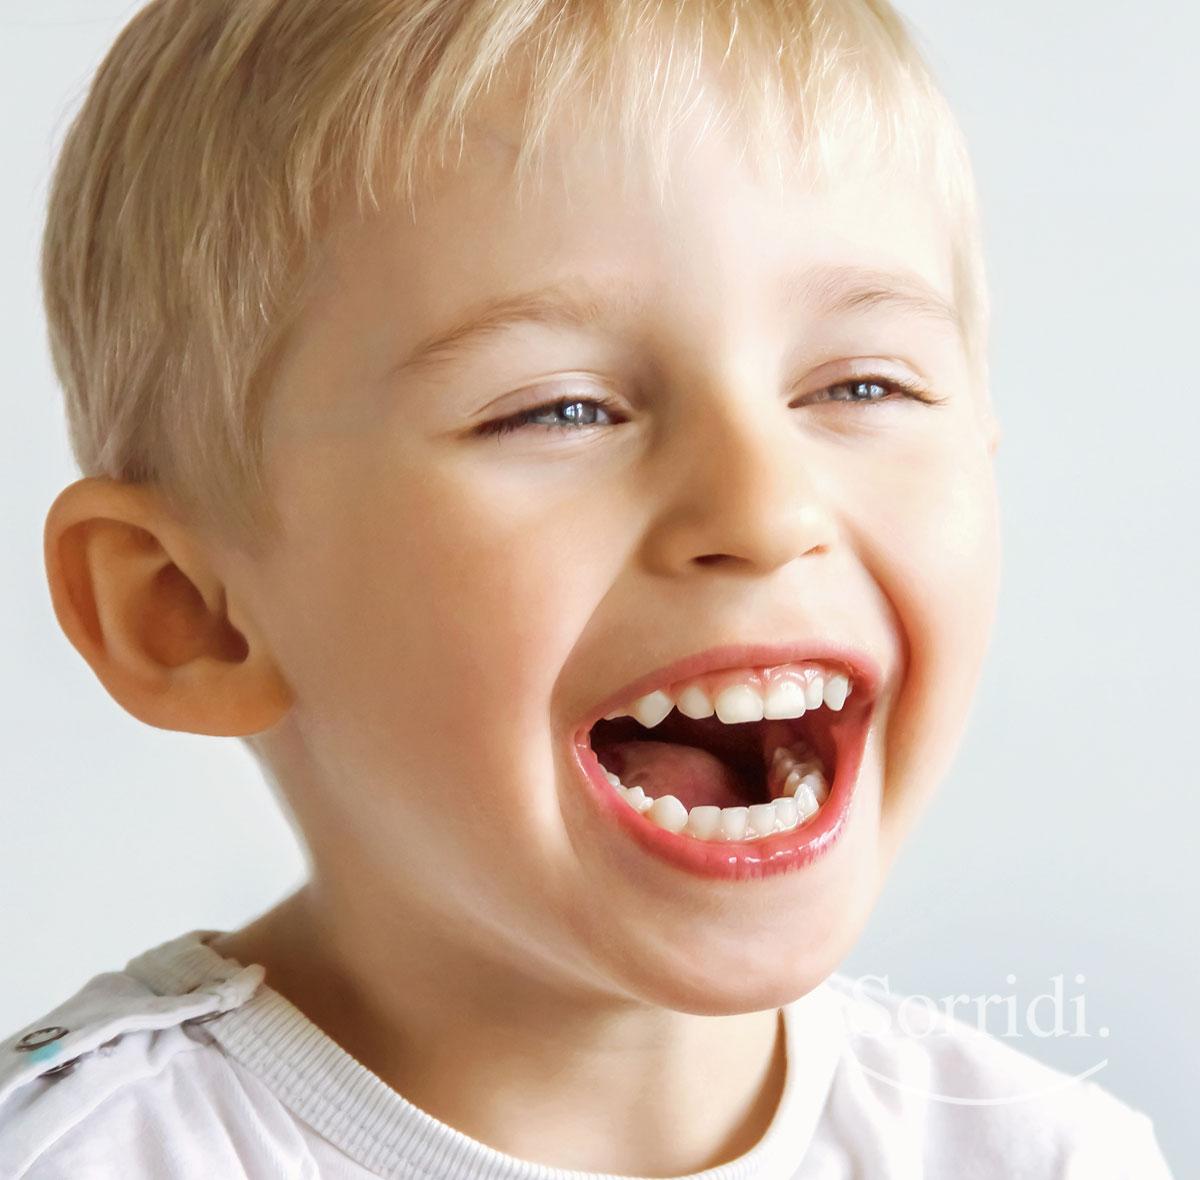 Sorridi-magazine-ch-dente-incluso-nei-bambini